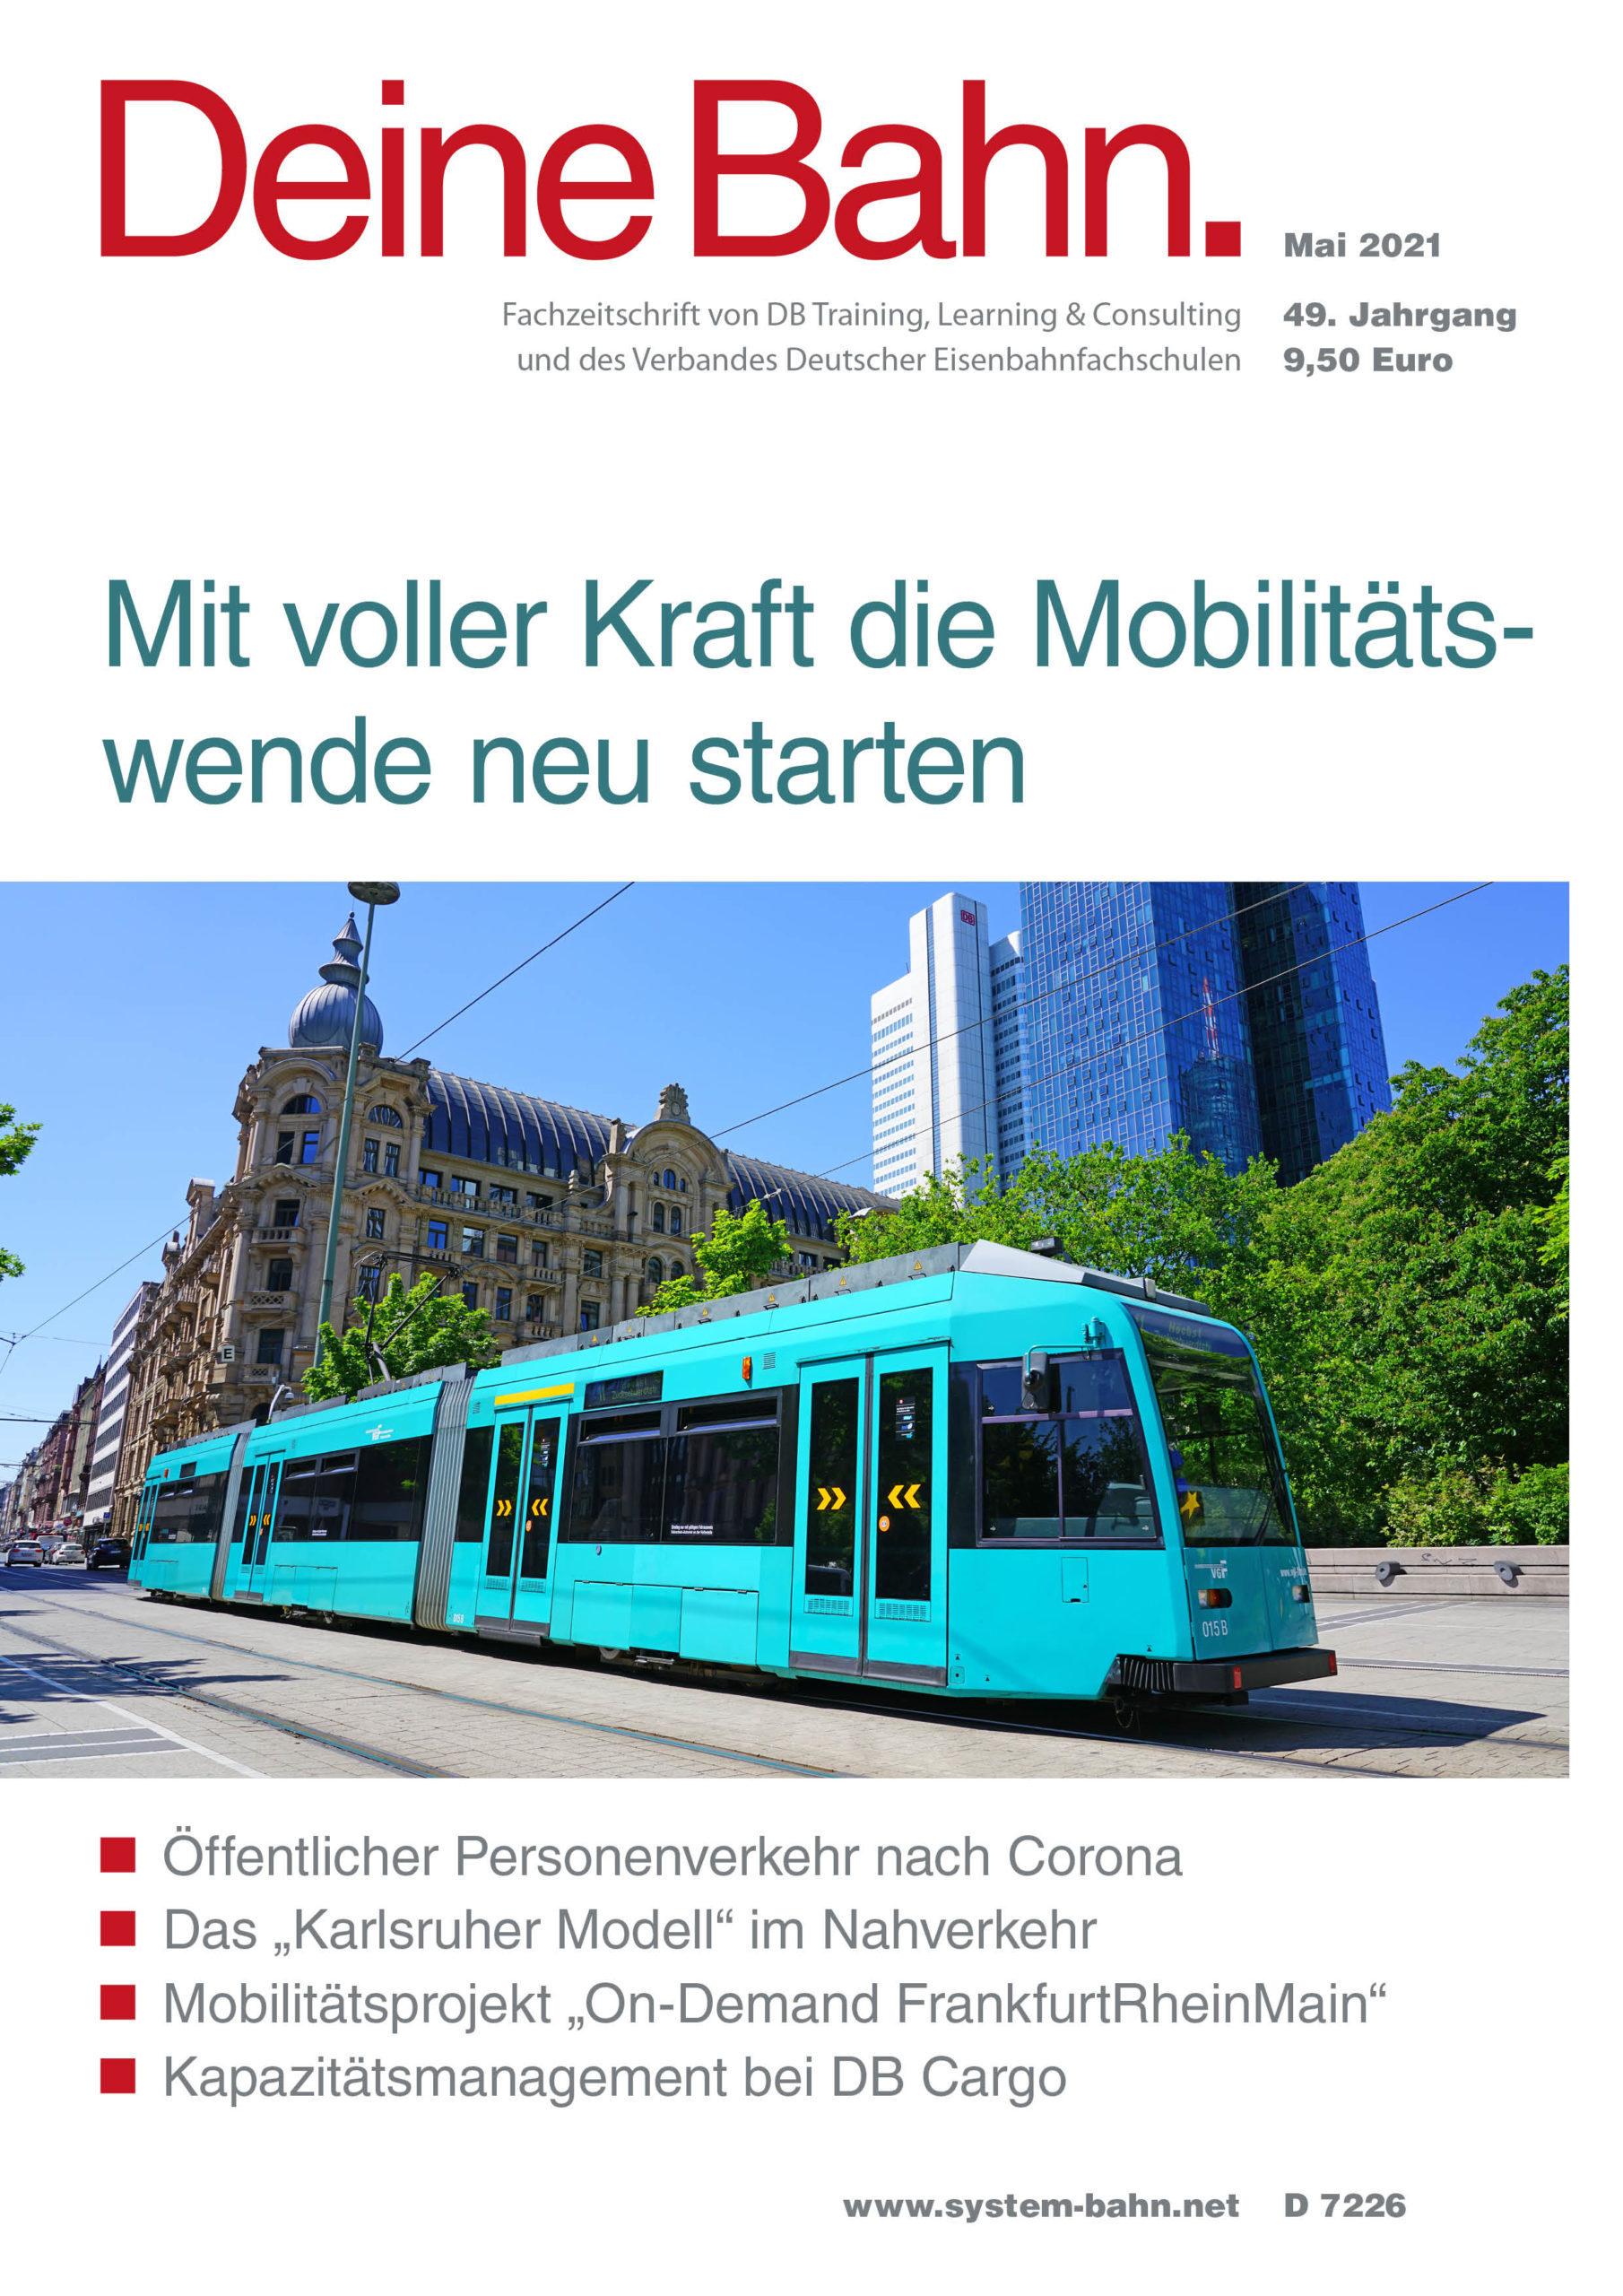 Umschlagmotiv Fachzeitschrift Deine Bahn Mai 2021